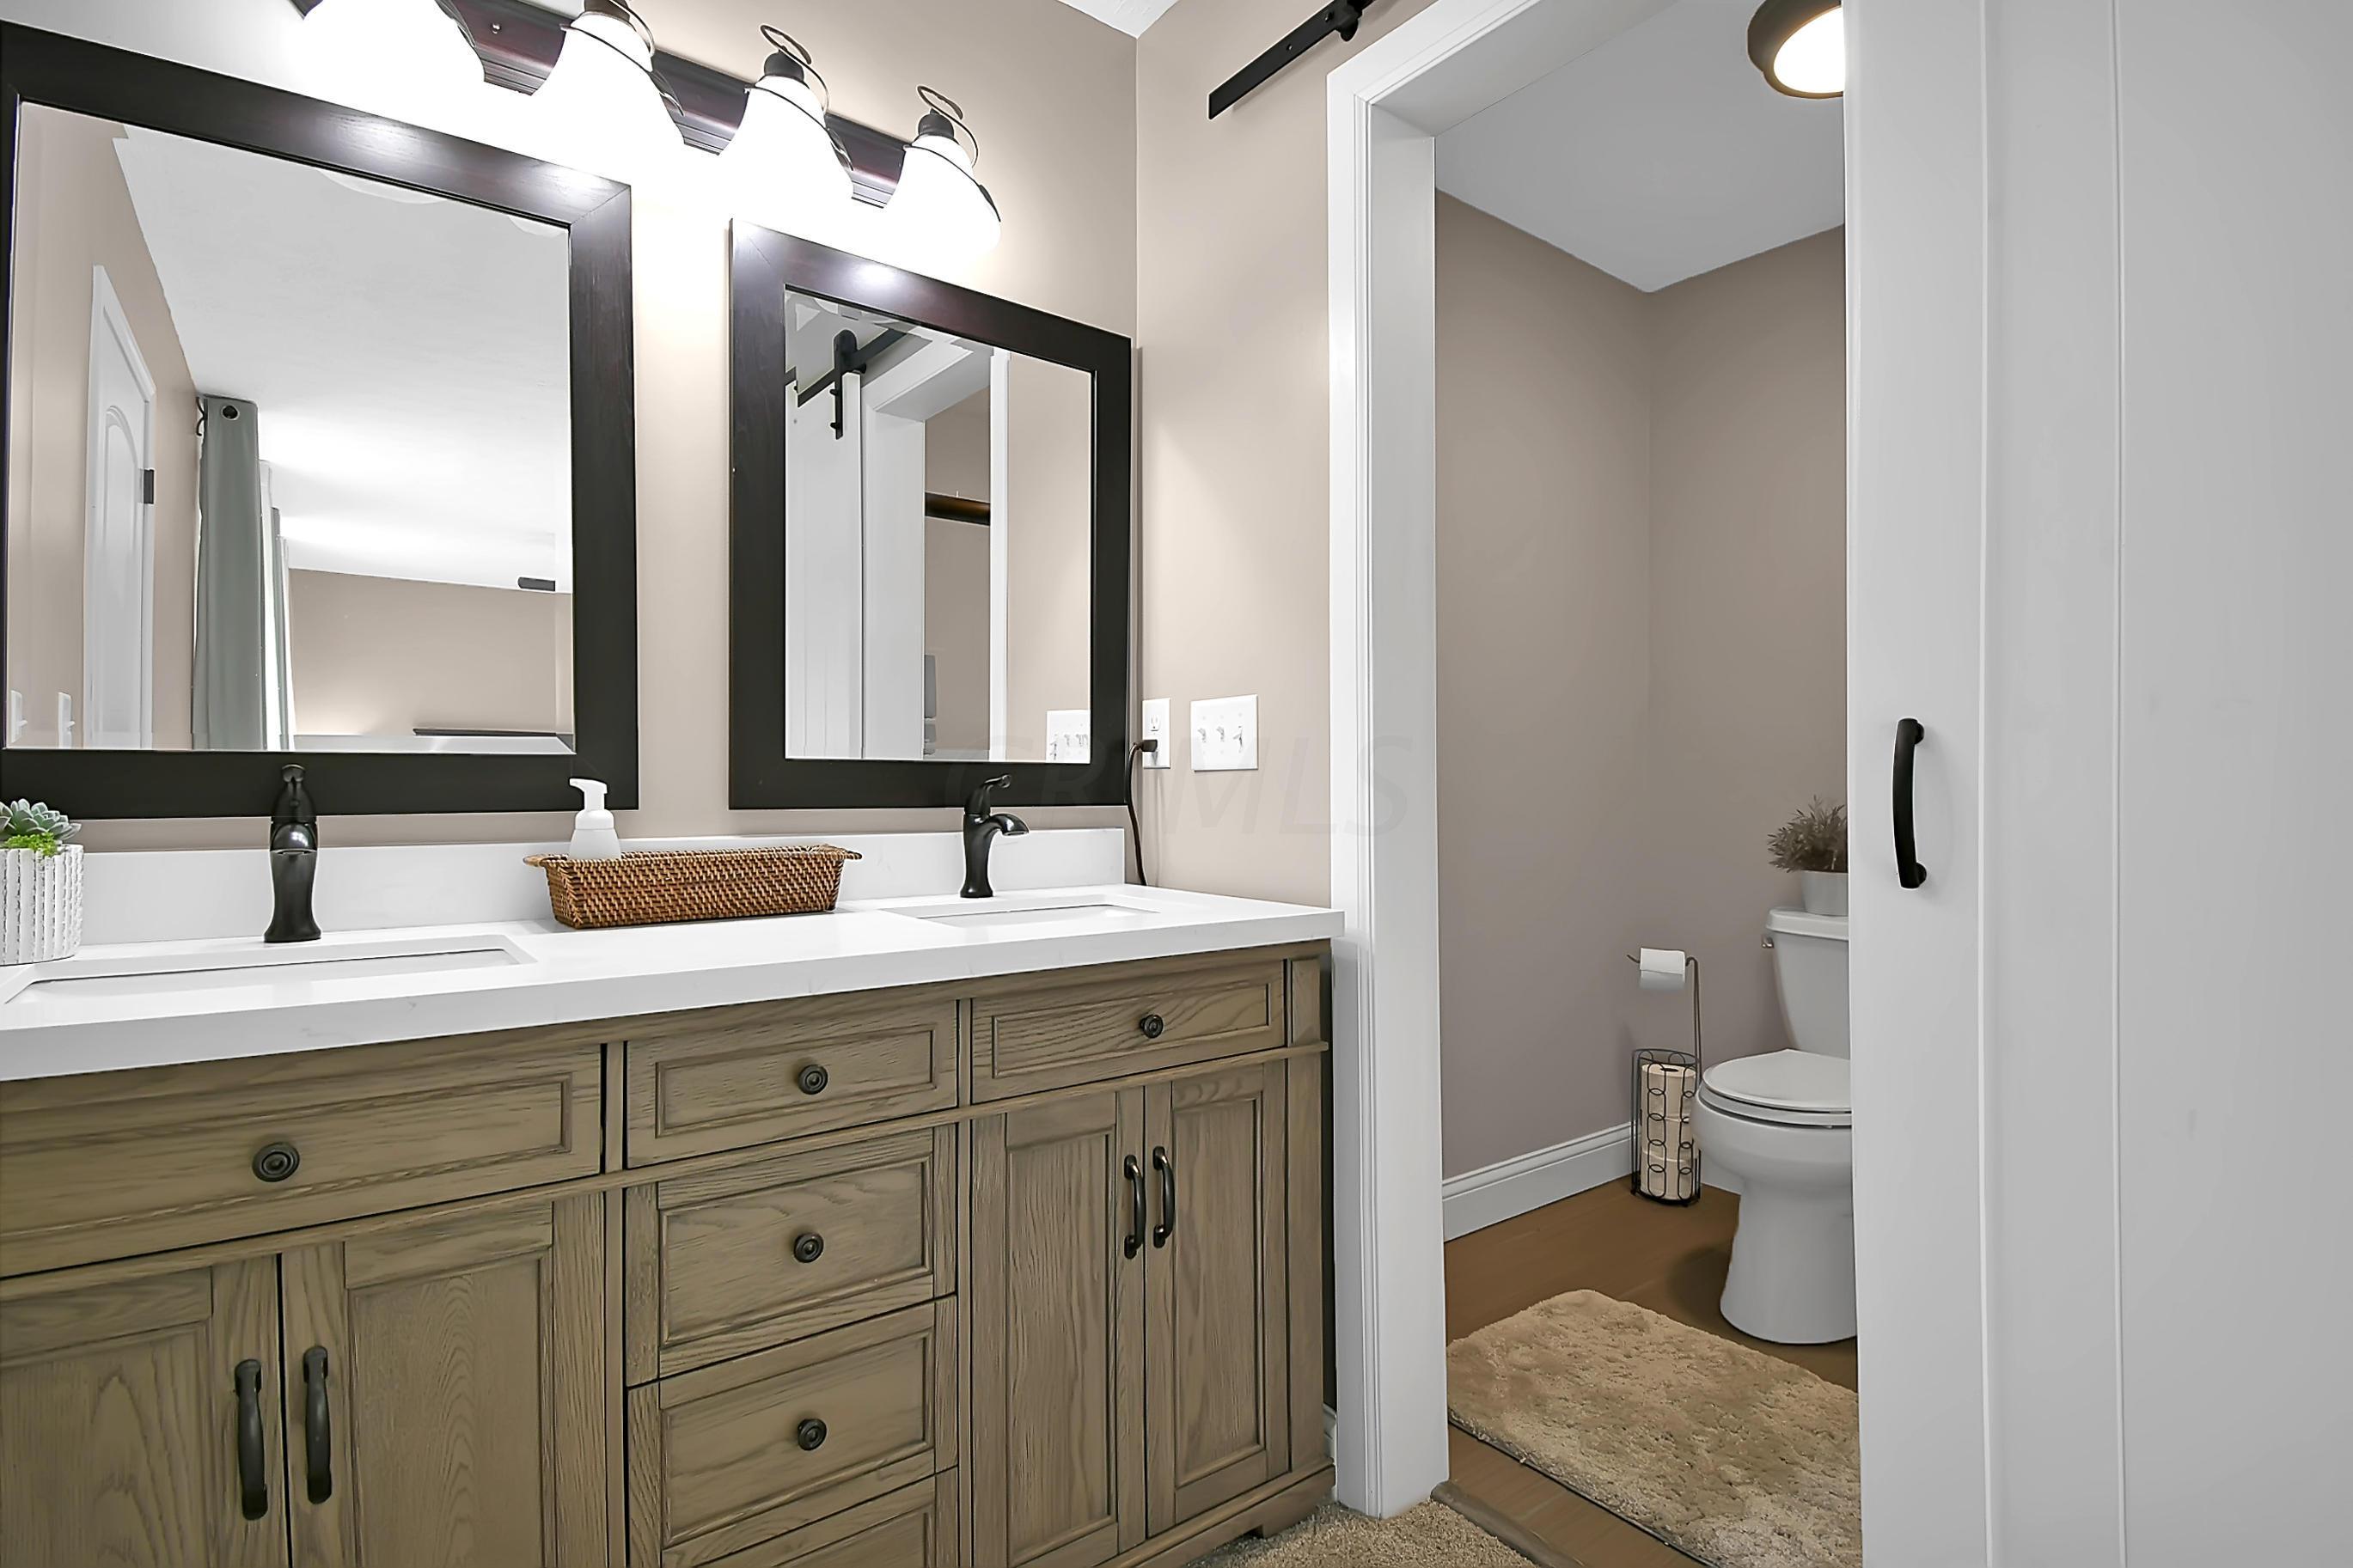 1504 Deer Crossing Lane, Worthington, Ohio 43085, 3 Bedrooms Bedrooms, ,3 BathroomsBathrooms,Residential,For Sale,Deer Crossing,220032422